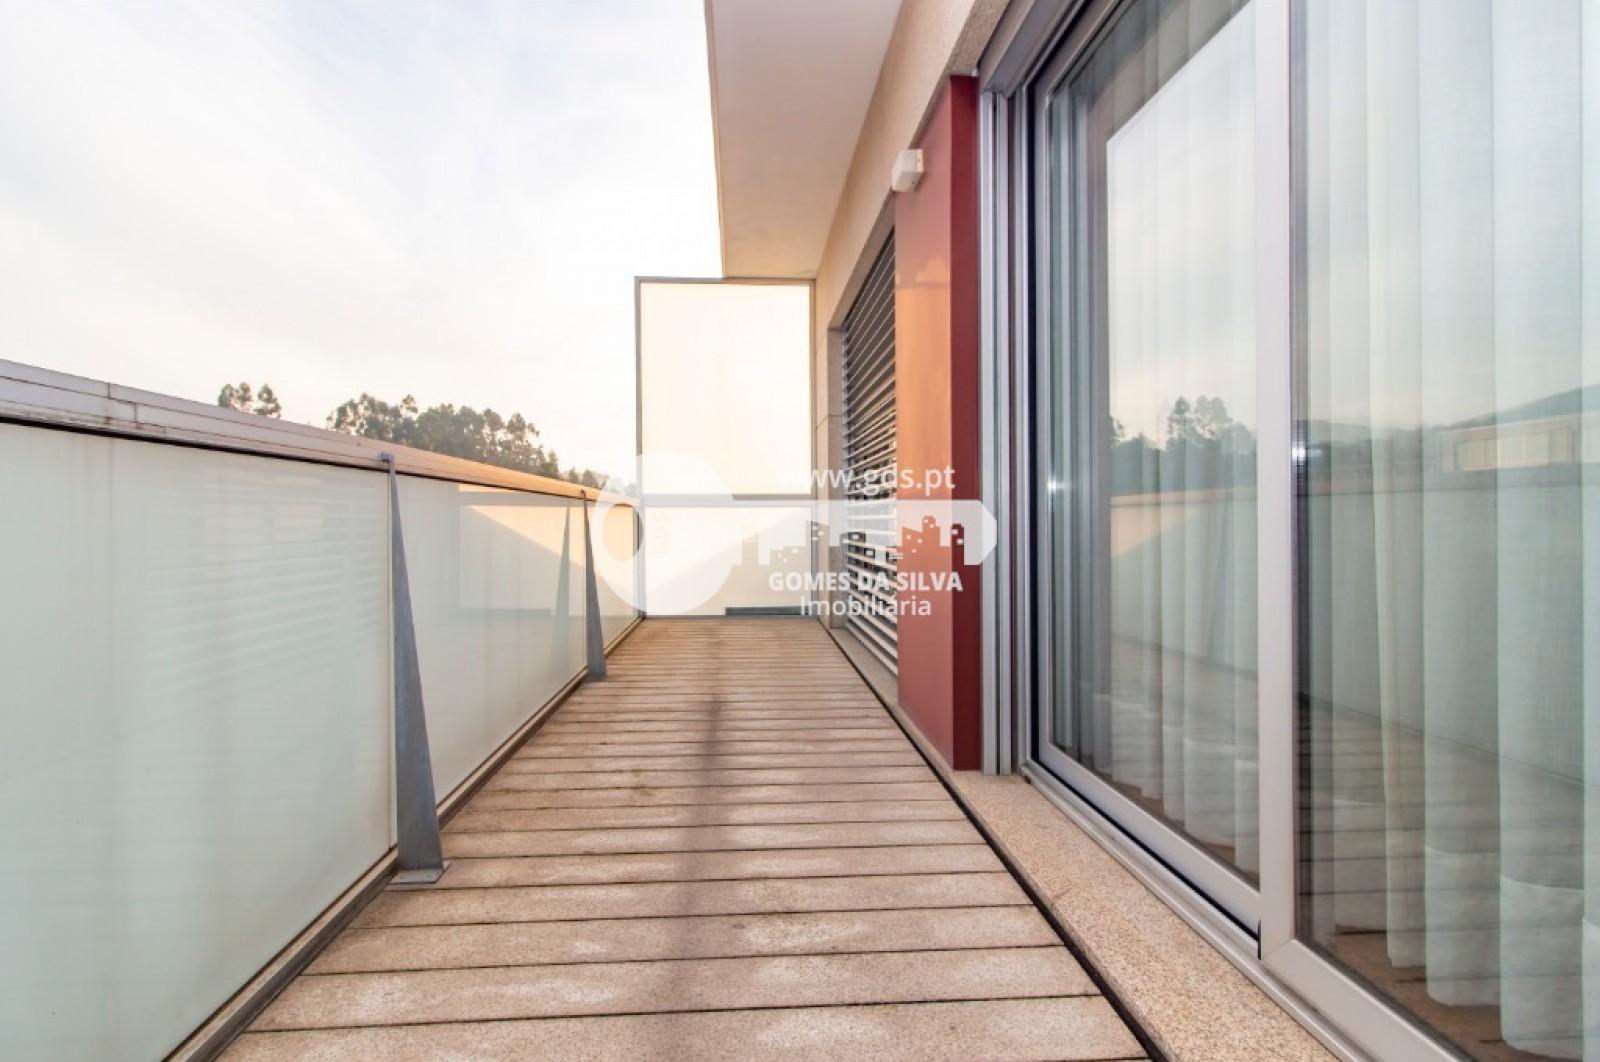 Apartamento T3 para Venda em Nogueira, Fraião e Lamaçães, Braga, Braga - Imagem 53